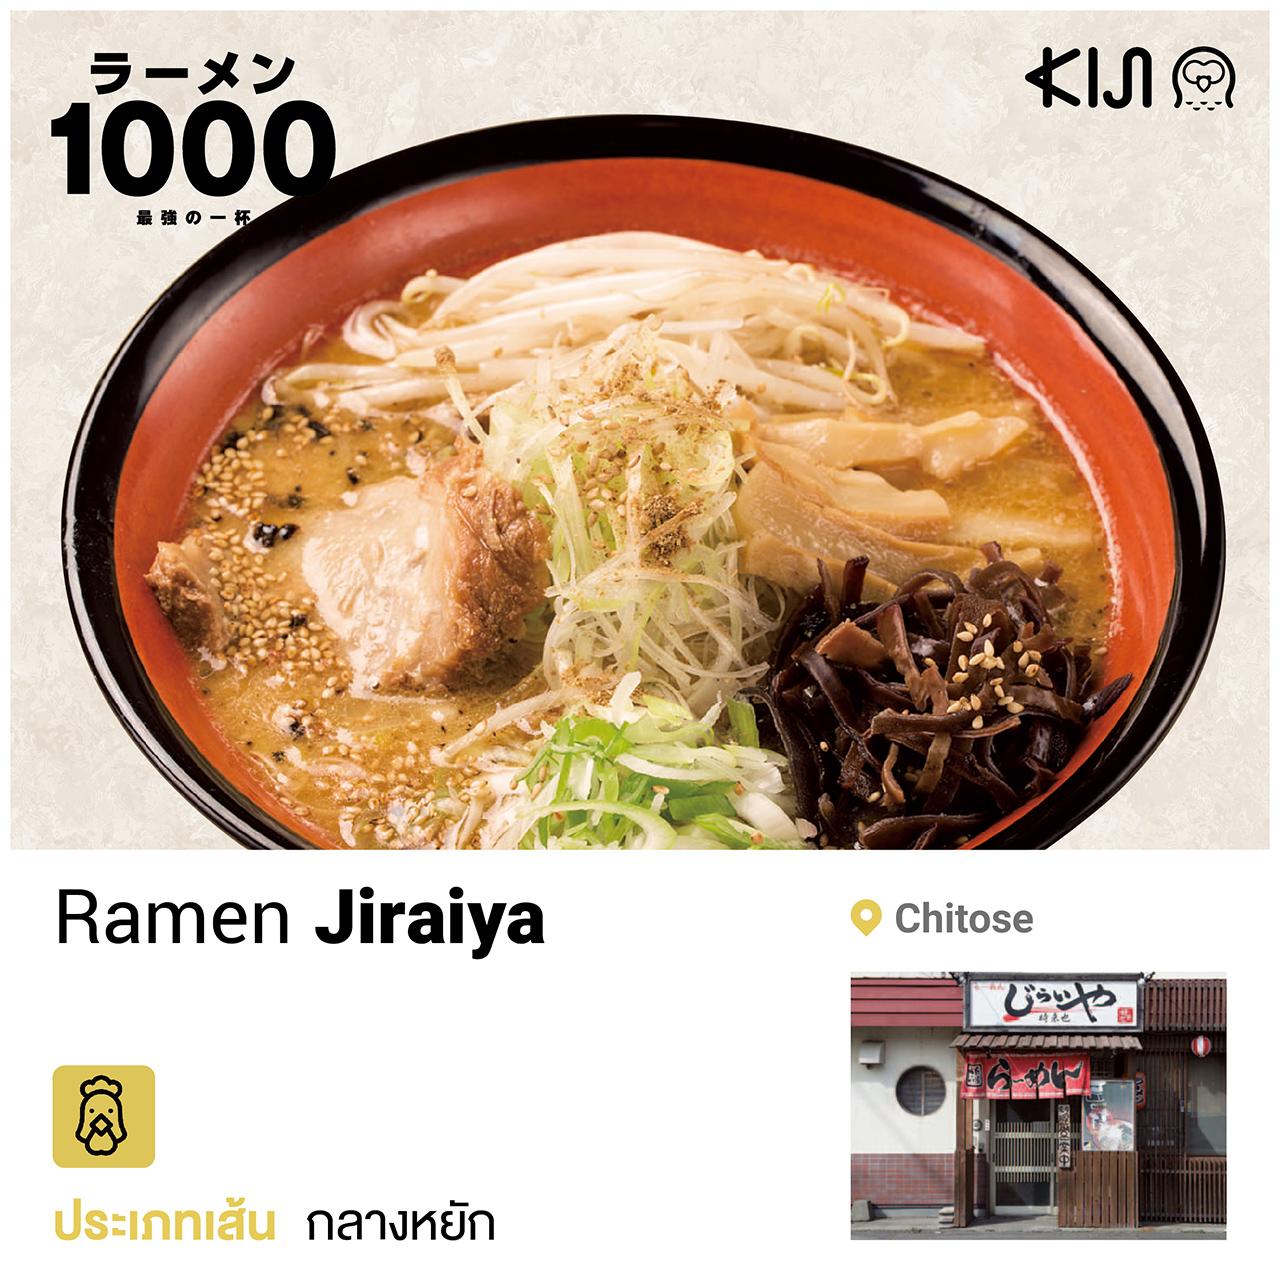 ร้านราเมนในฮอกไกโด - Ramen Jiraiya